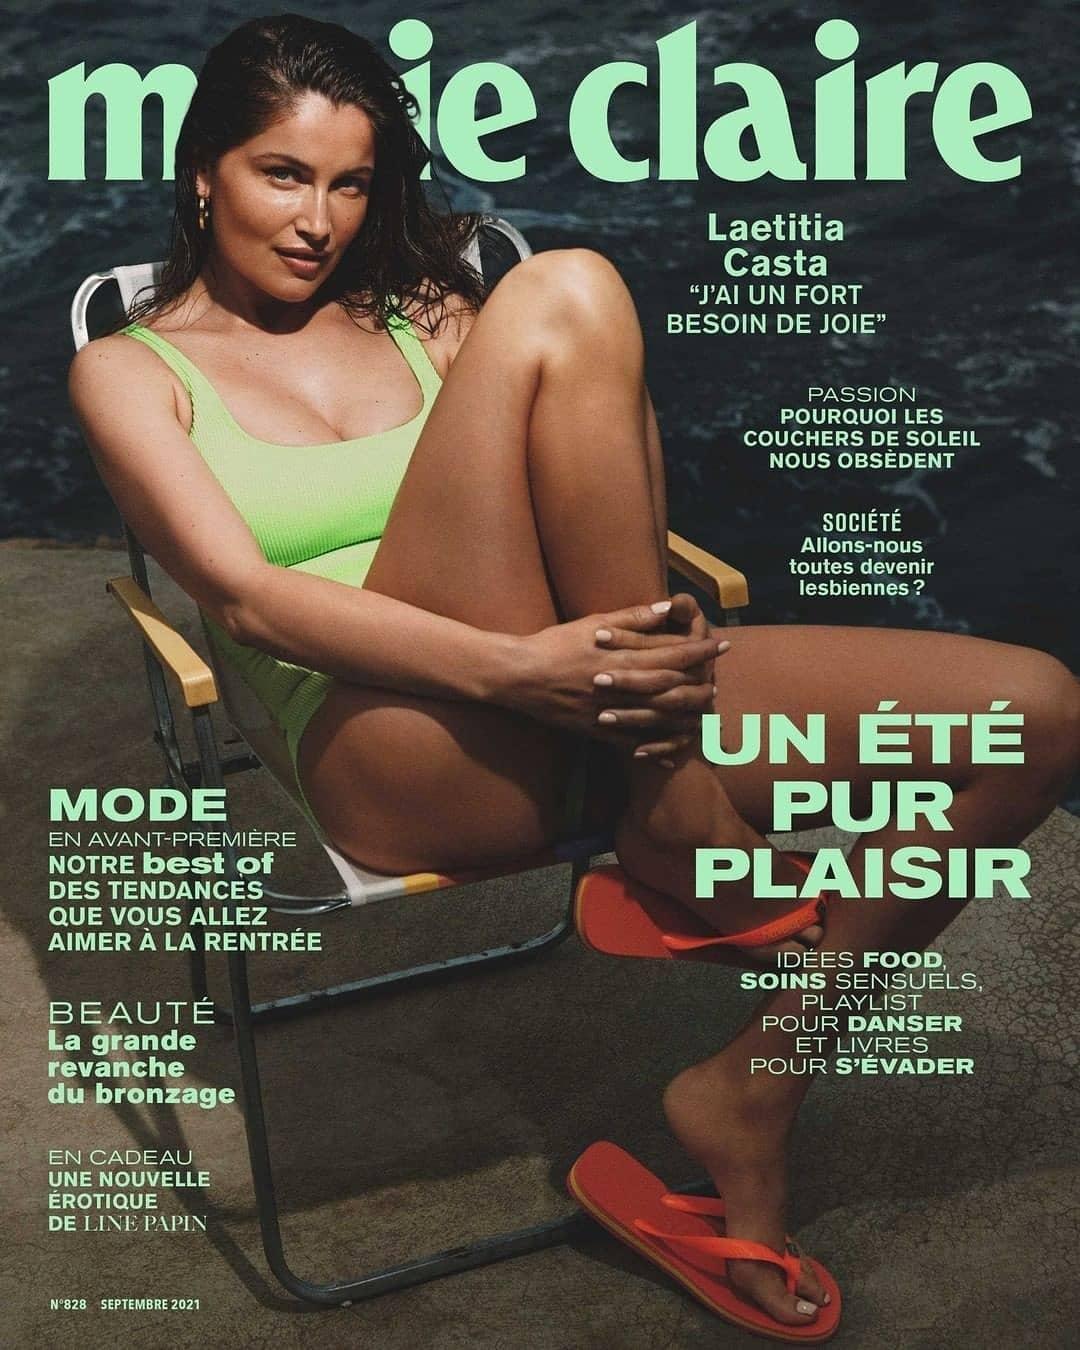 Натуральная красота: Летиция Каста снялась в соблазнительной фотосессии для французского глянца (ФОТО) - фото №1